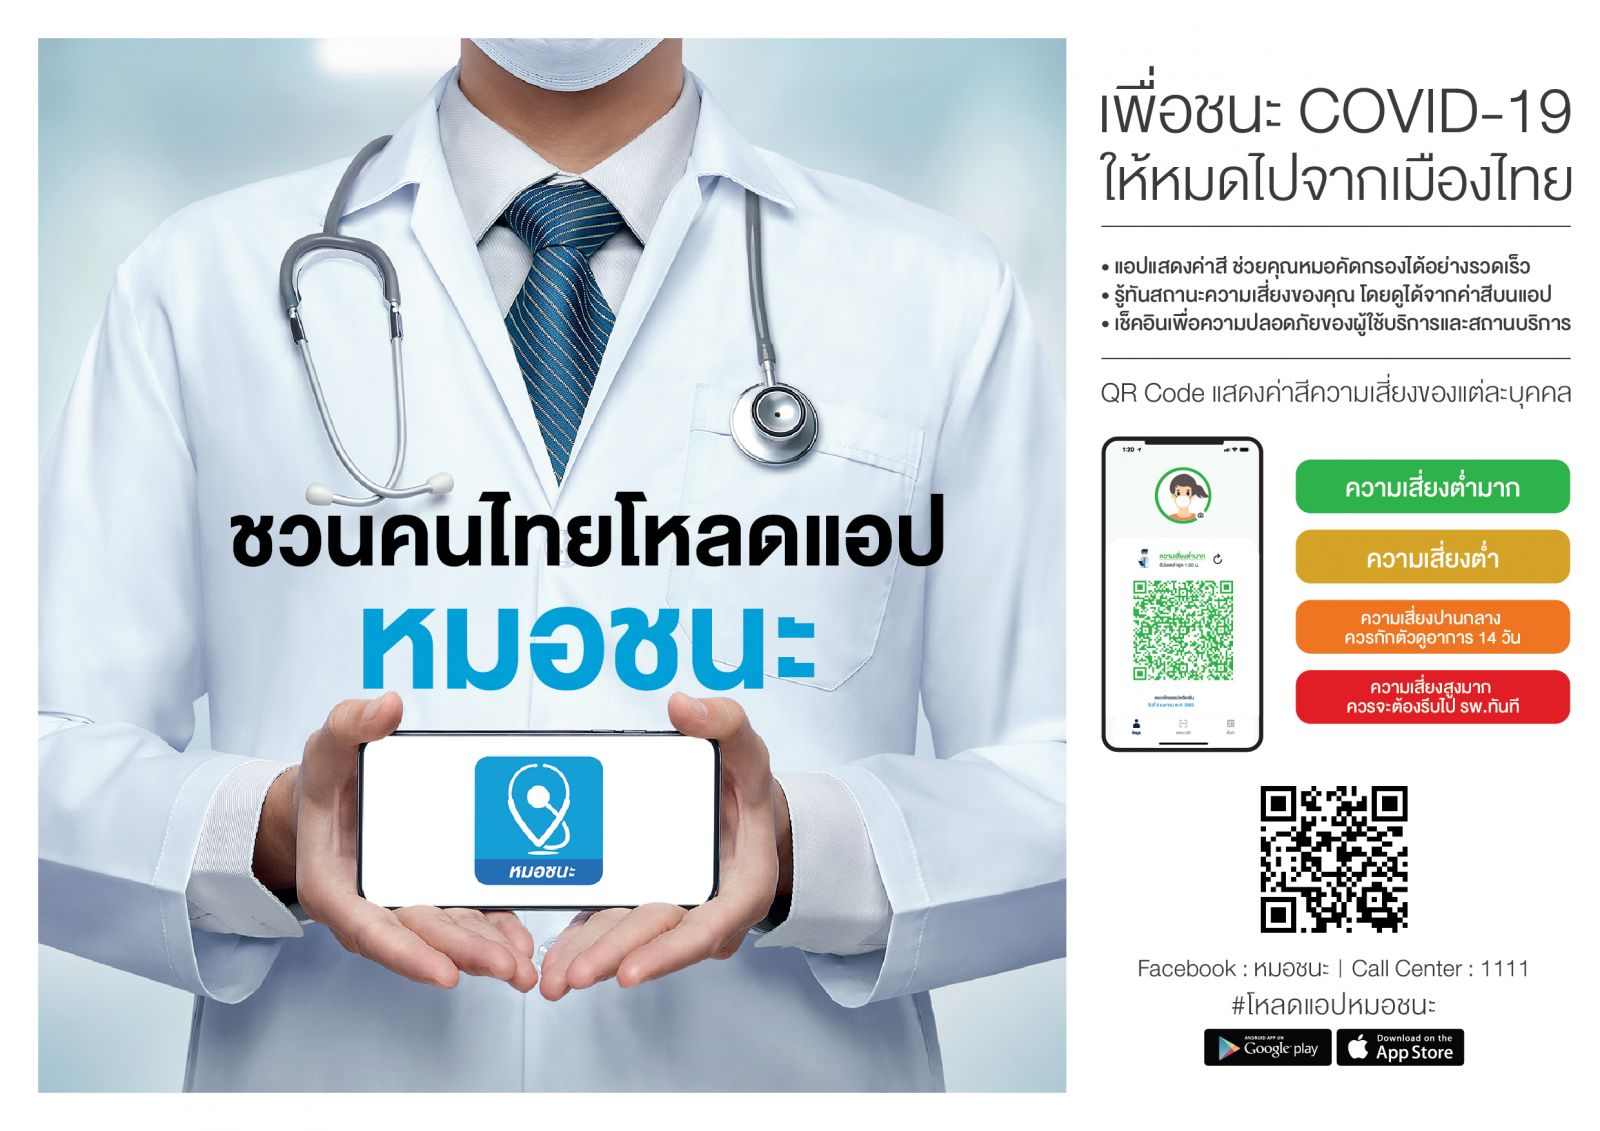 ขอเชิญชวนคนไทย ร่วมโหลดแอป 'หมอชนะ' ร่วมใช้ ร่วมใจ ชนะ COVID-19